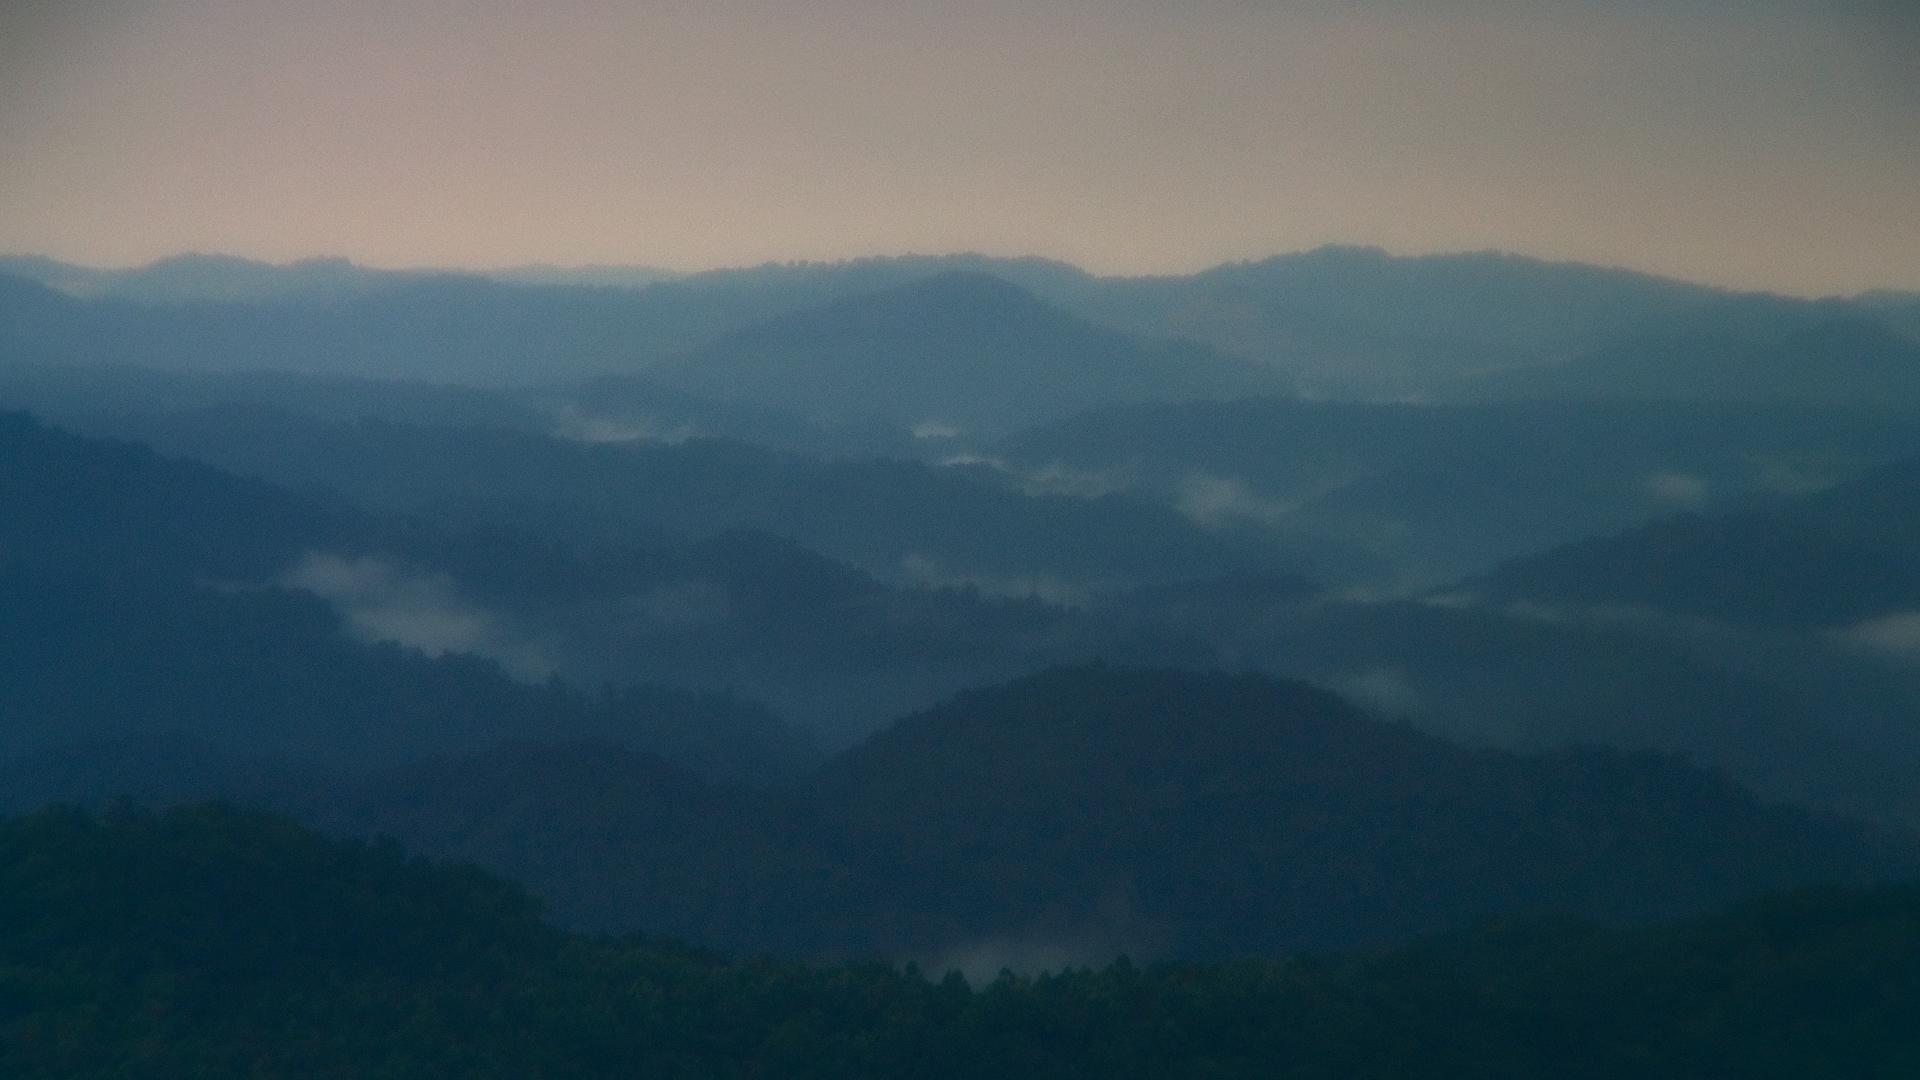 linefork mountains-300dpi.png